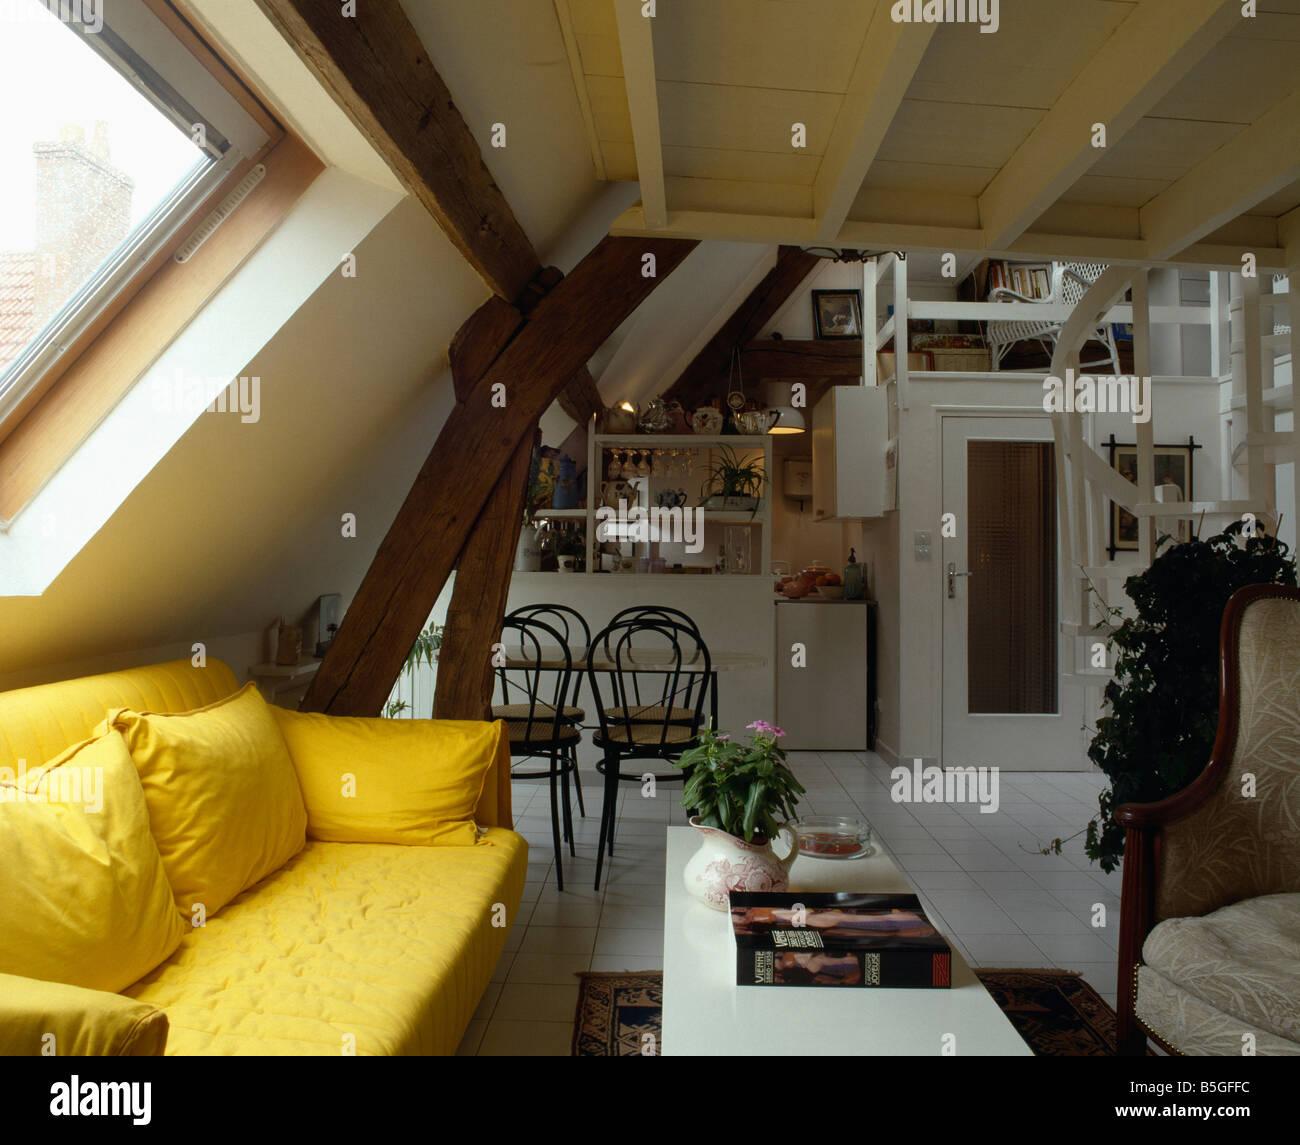 Leuchtend Gelben Sofa Unter Velux Fenster In Offene Dachgeschoss Wohnzimmer  Und Küche In Traditionellen Wohnung